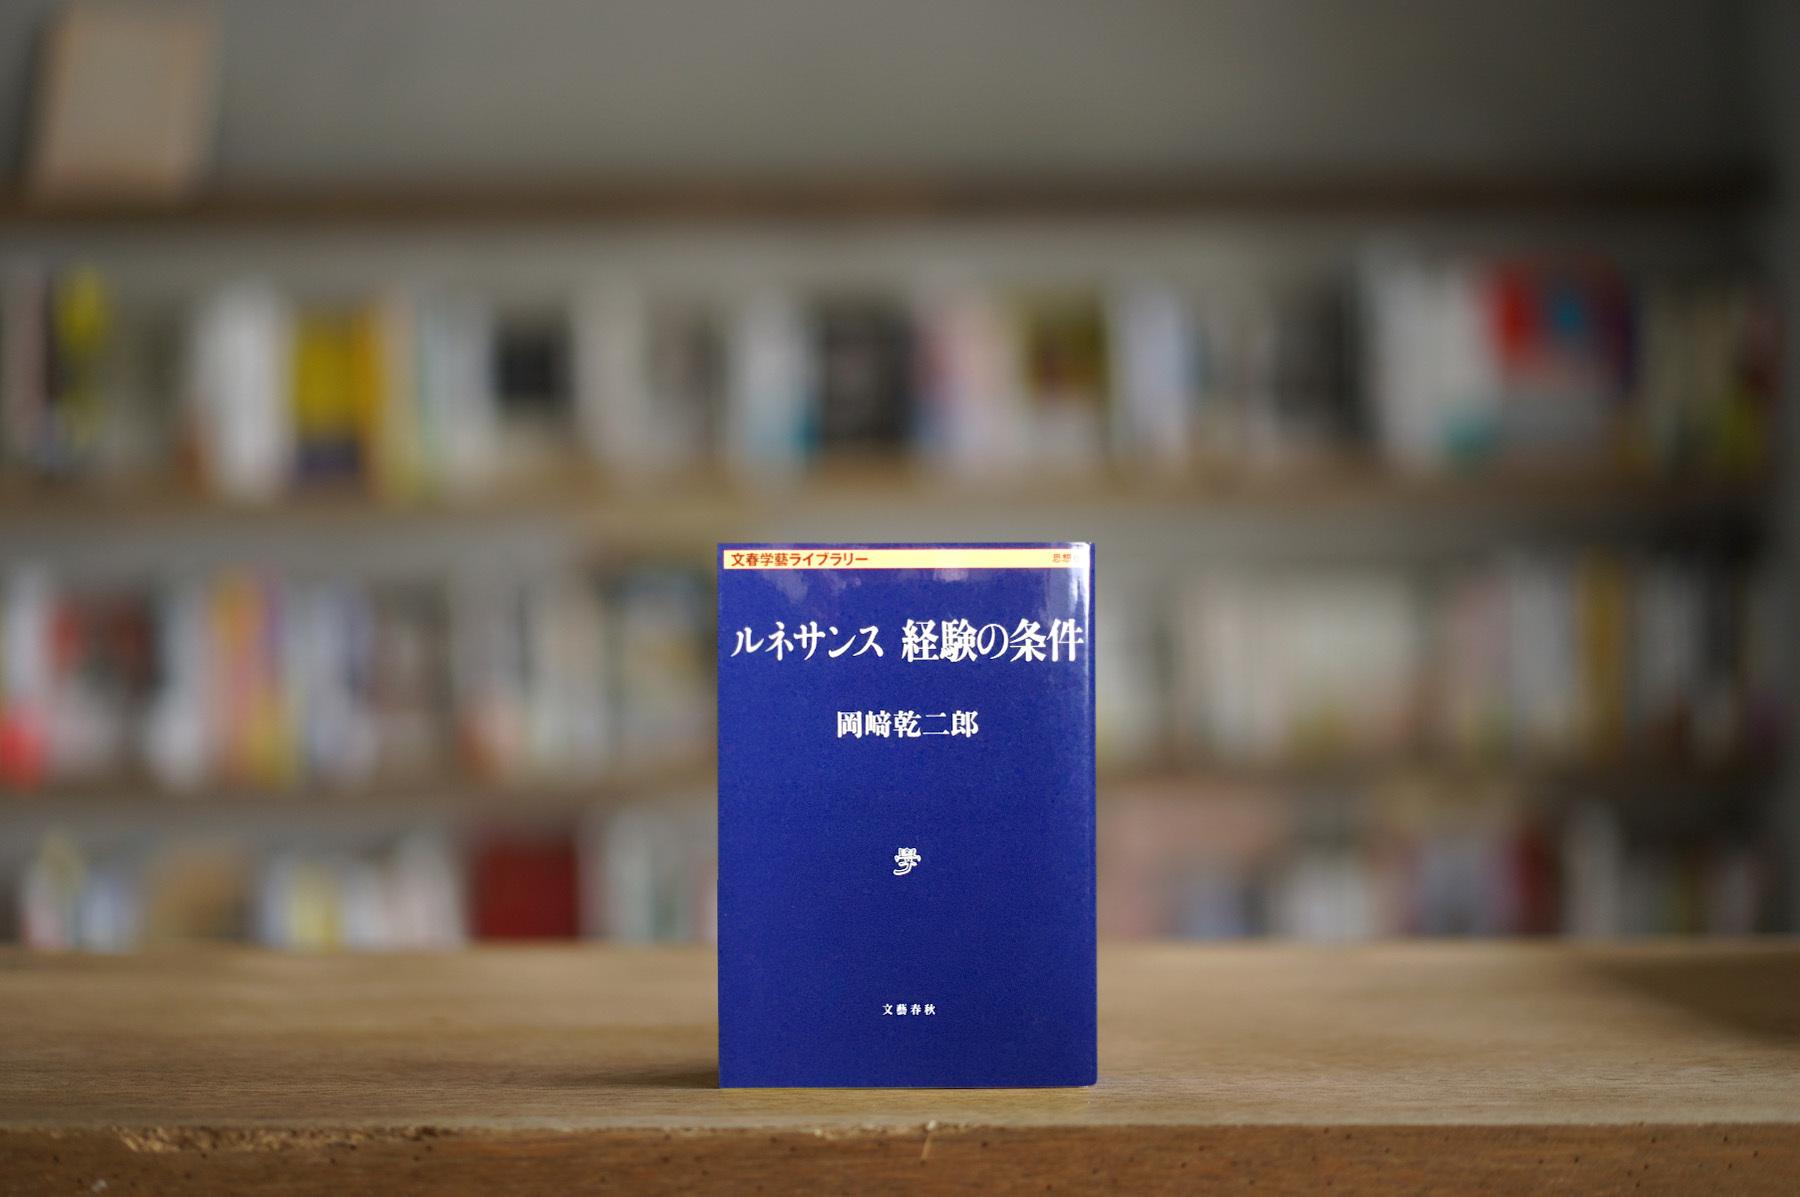 岡﨑乾二郎 『ルネサンス 経験の条件』 (文藝春秋、2014)